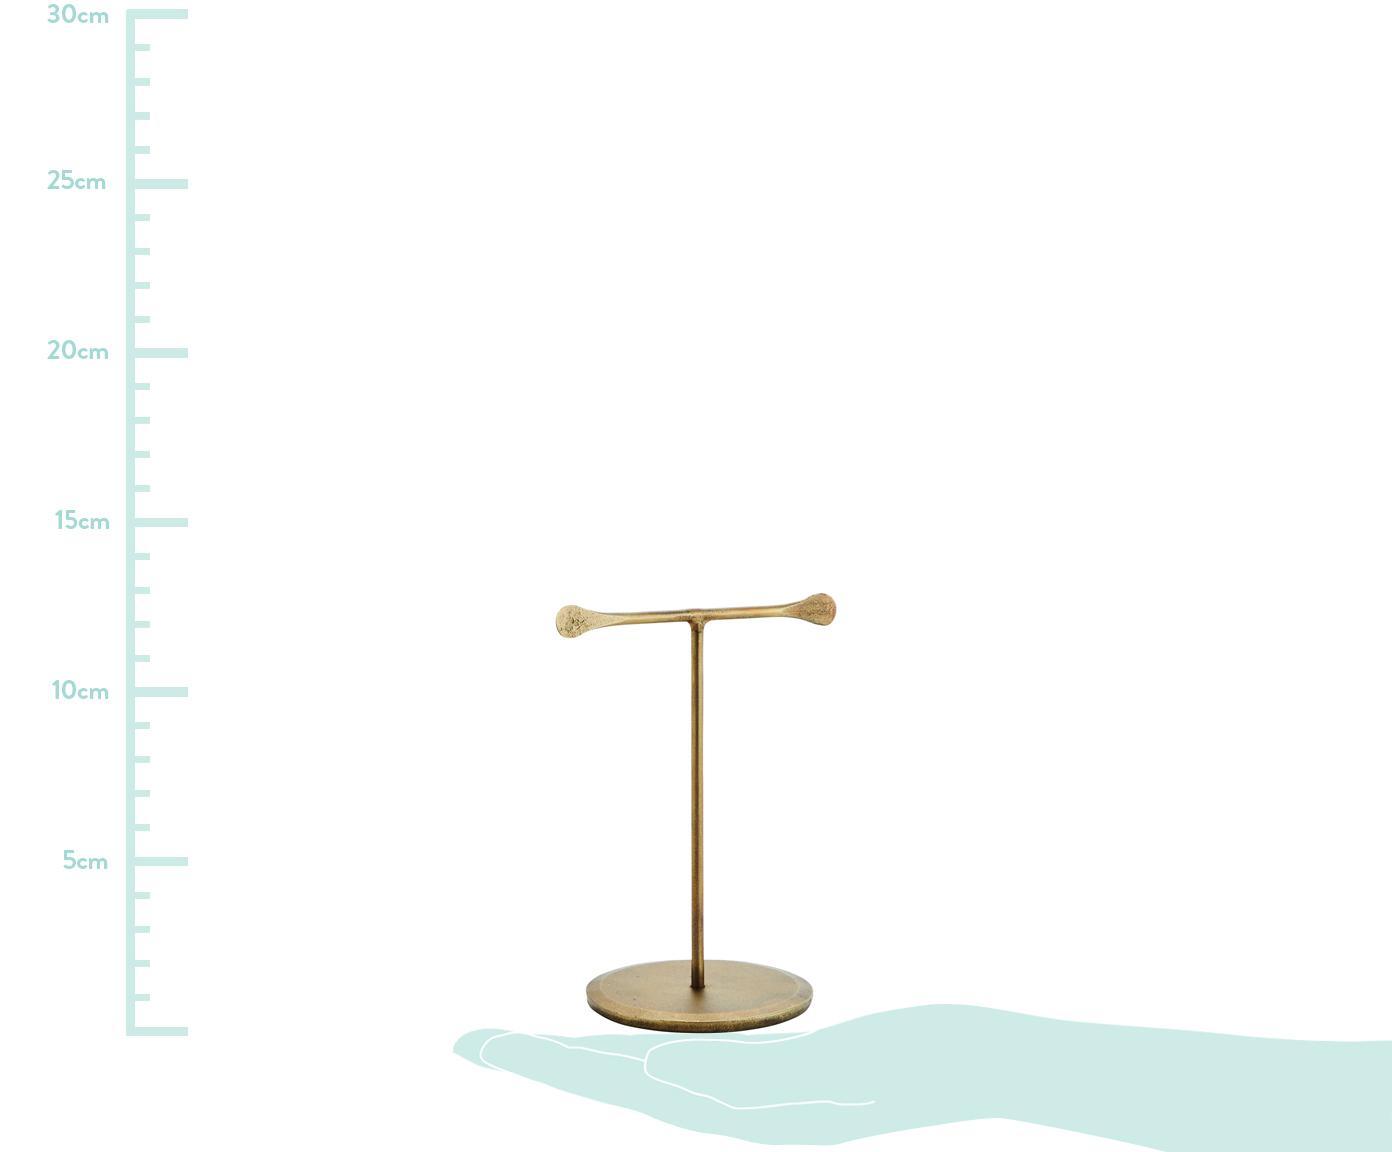 Schmuckhalter Antra in Messingoptik, Metall, vermessingt, Messing, 10 x 12 cm